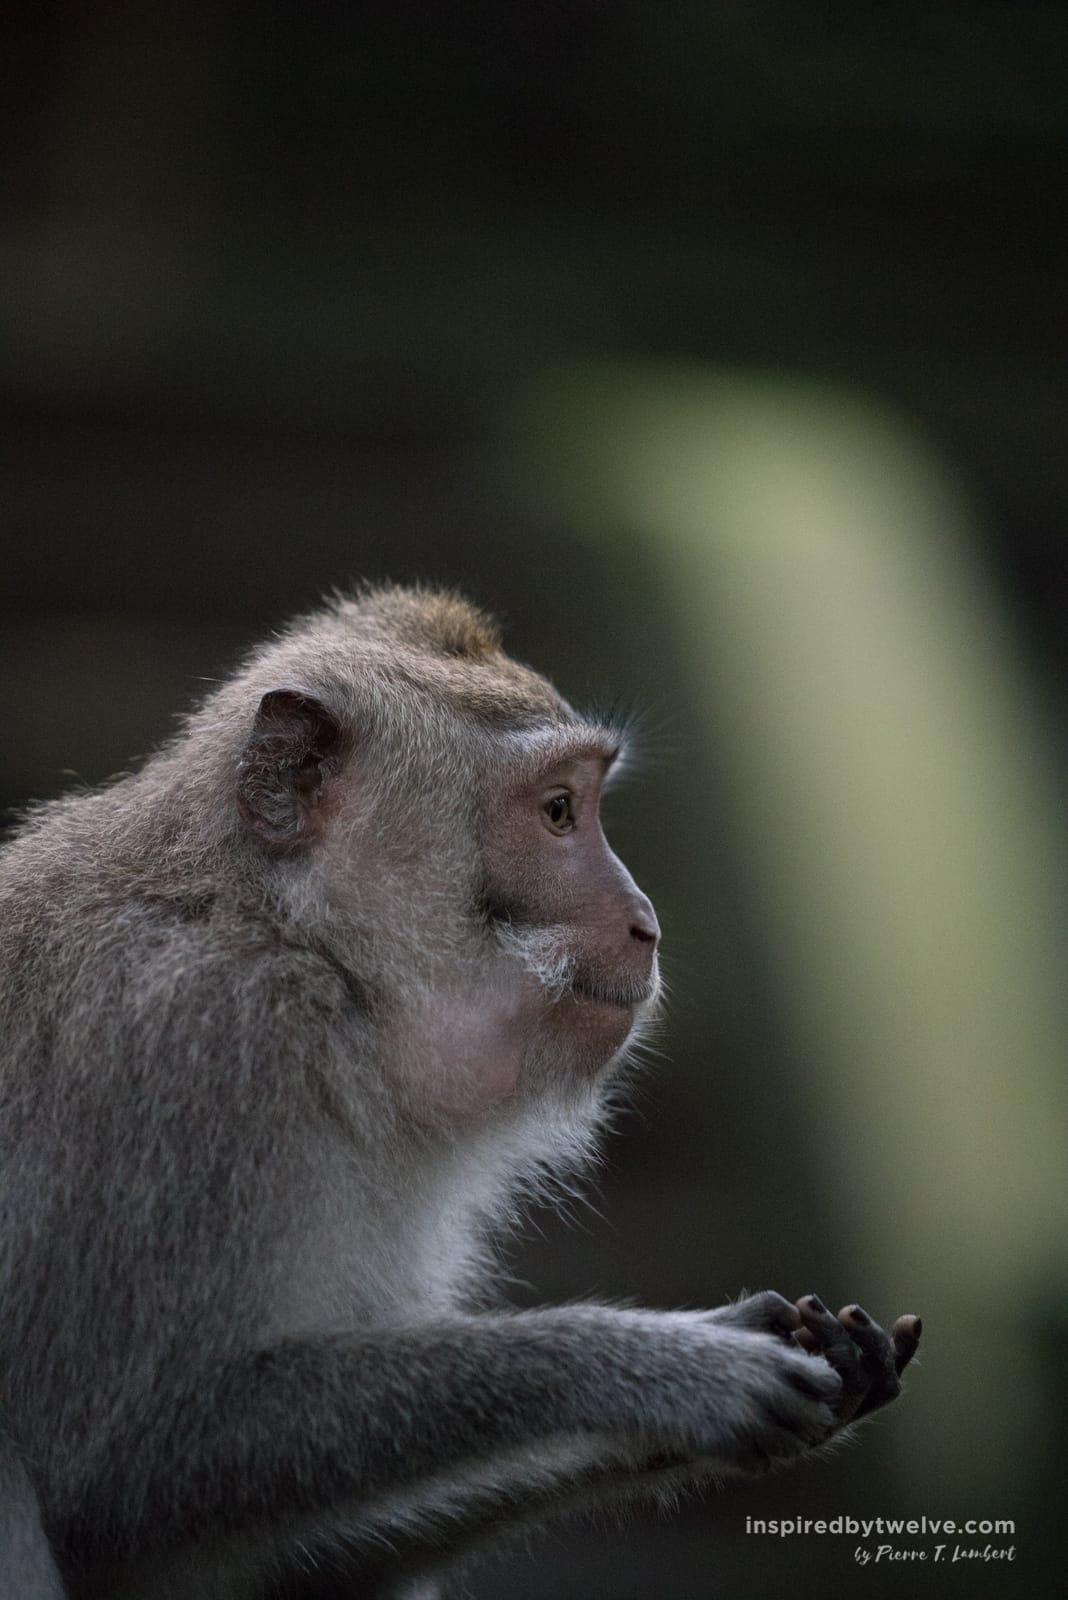 ubud monkey forest, Ubud Guide, Top Things To Do Ubud, Ubud Bali, Ubud Travel, What to do in Ubud, Restaurants Ubud, Hotels ubud, Where to stay in Ubud